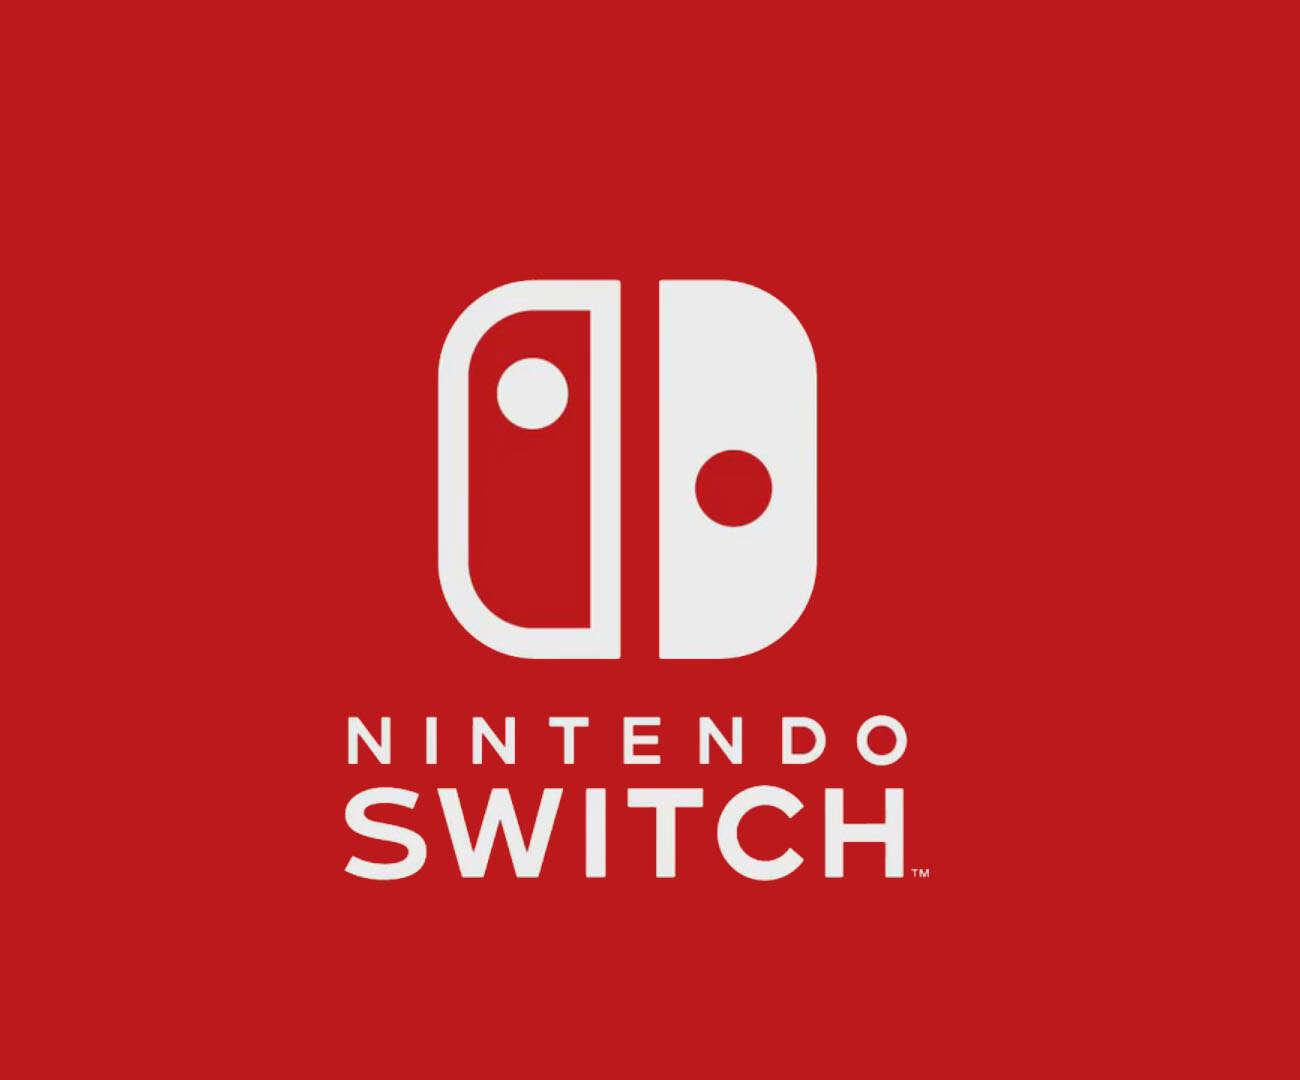 Nintendo Switch Pro raczej pewny, ale nie przesadzajmy z tym 4K